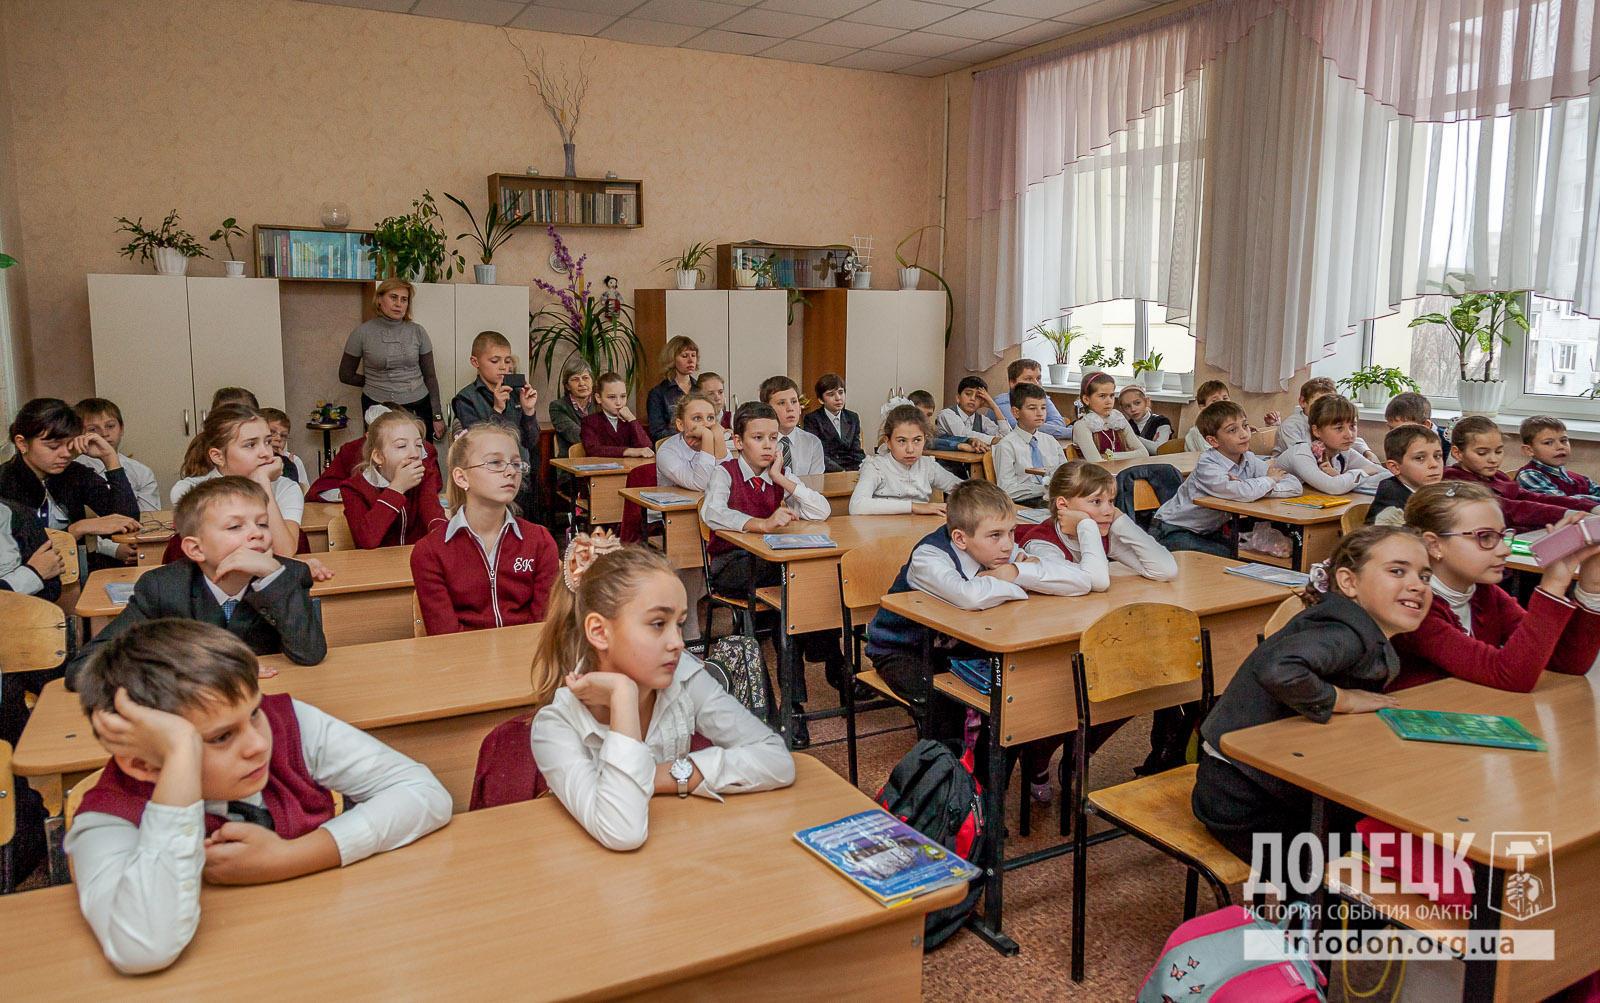 Ученики 5-6 классов с нетерпением ждут начала урока